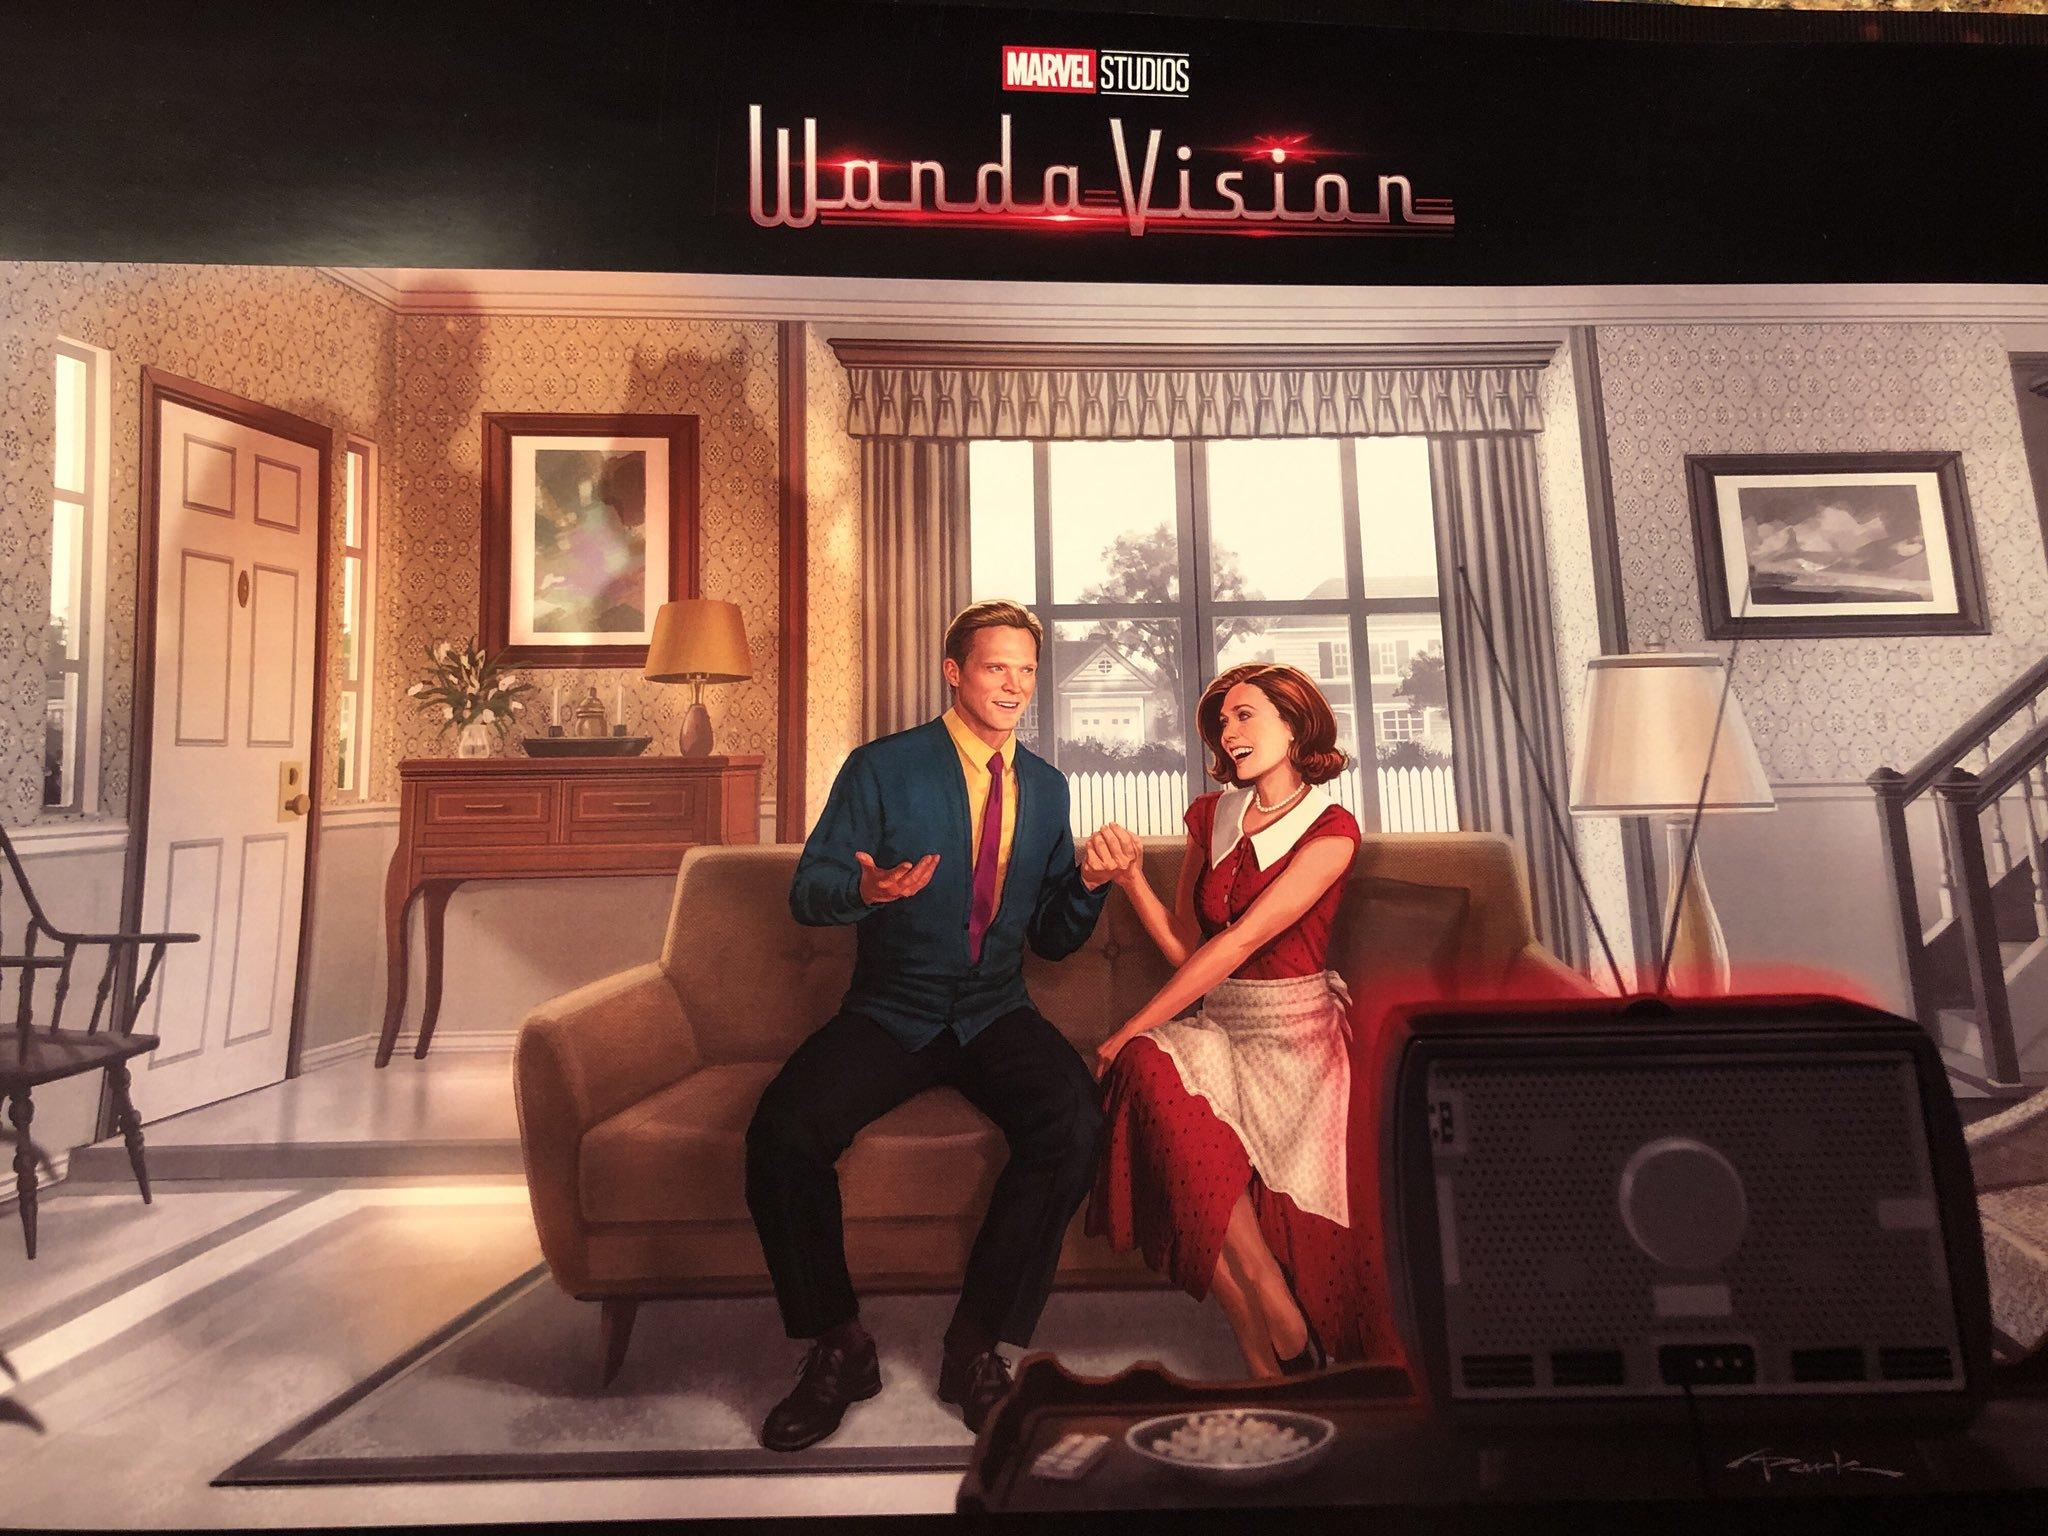 Wandavision-2019.jpg